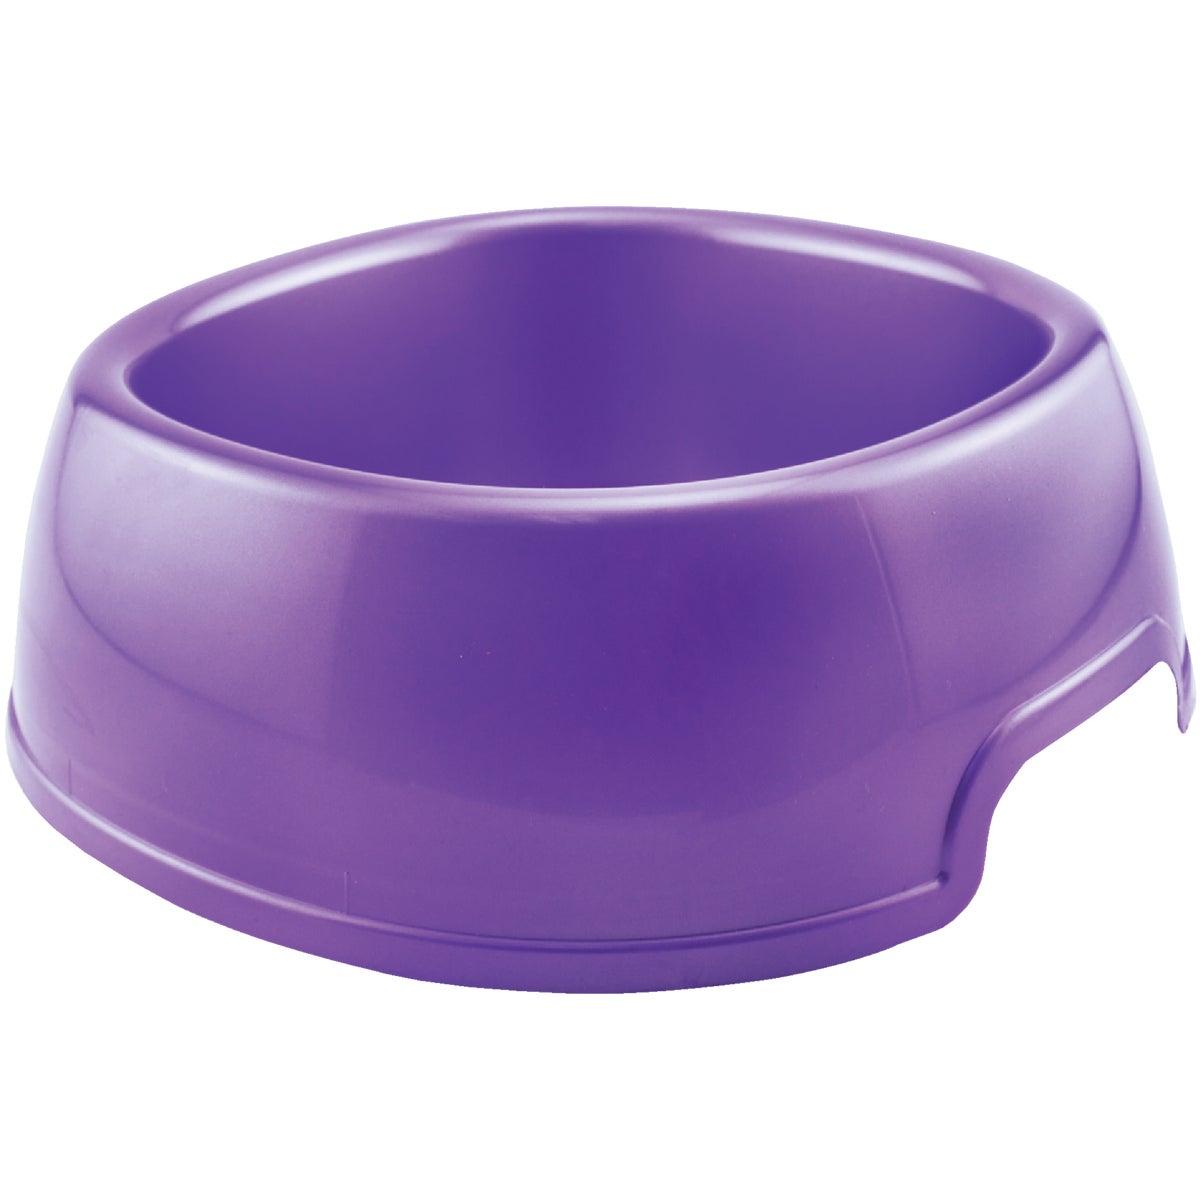 Westminster Pet 00805 Plastic Dog Bowl